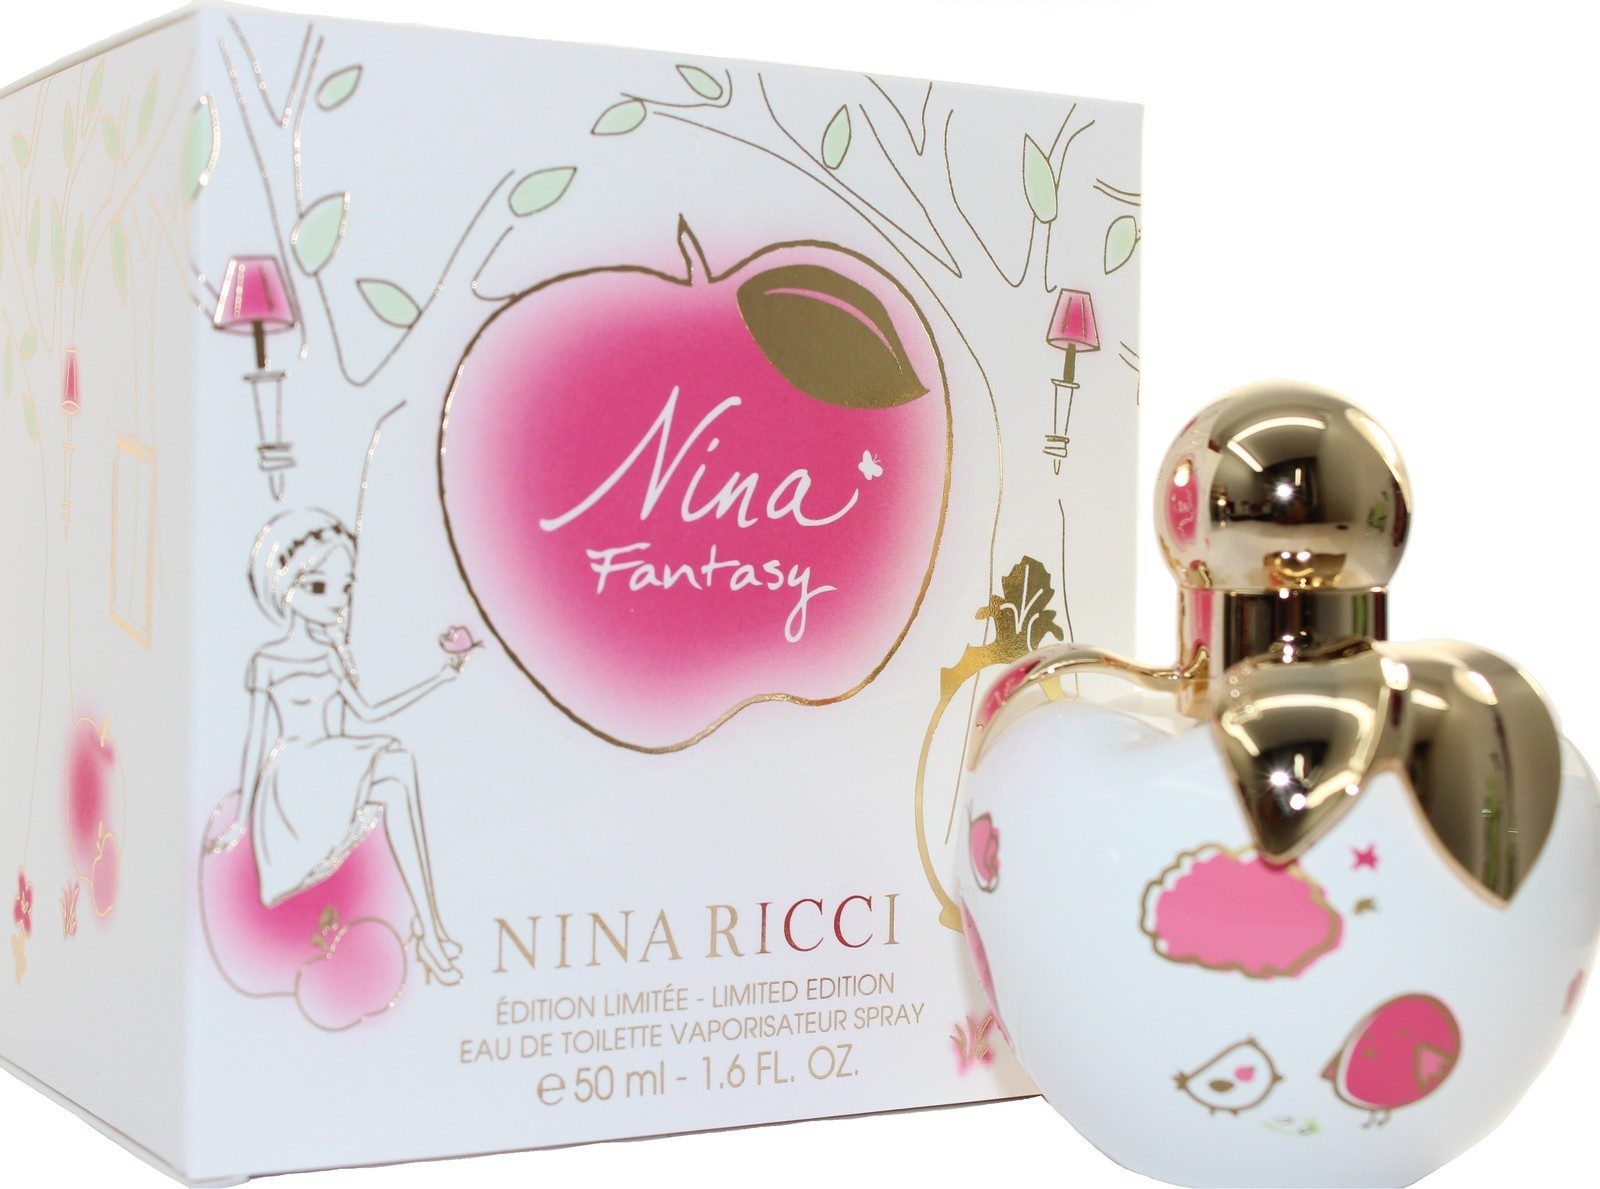 Nina Ricci Nina Fantasy аромат для женщин